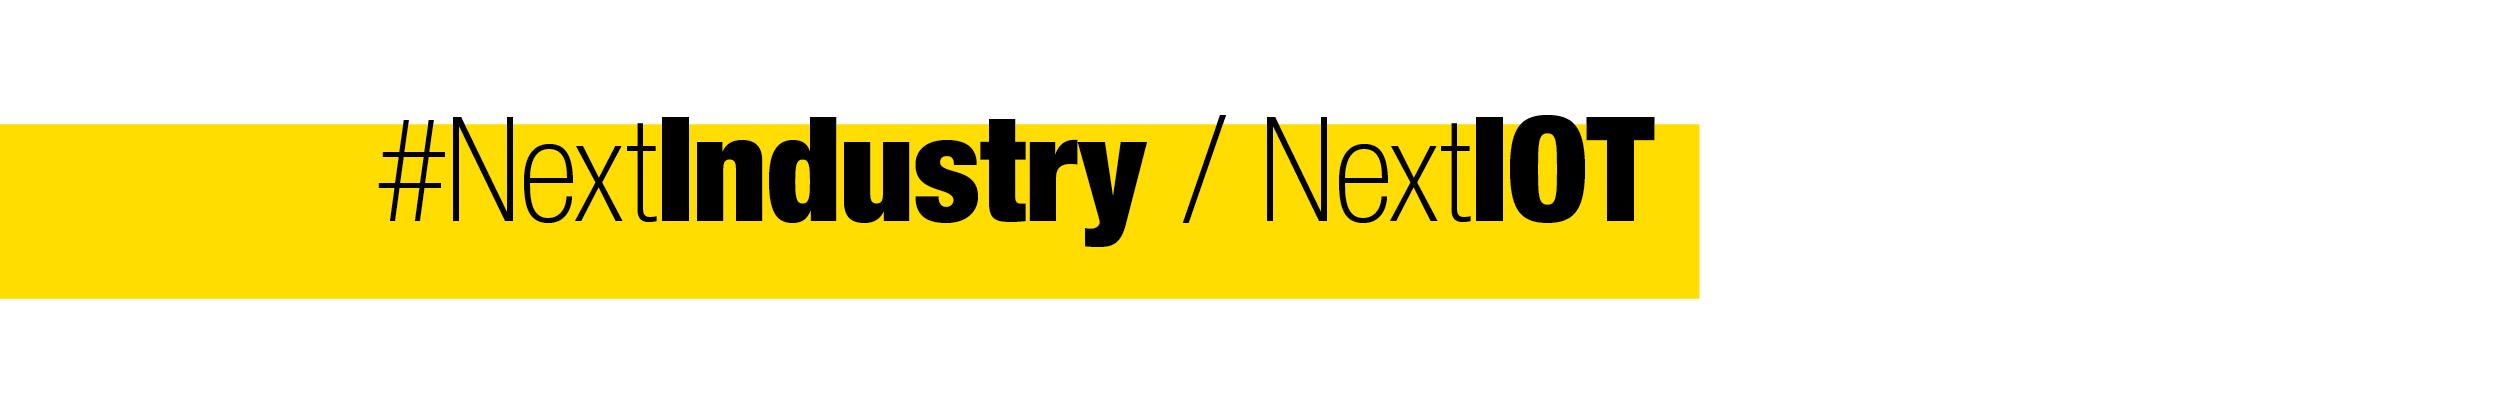 #NextIndustry / #NextIOT